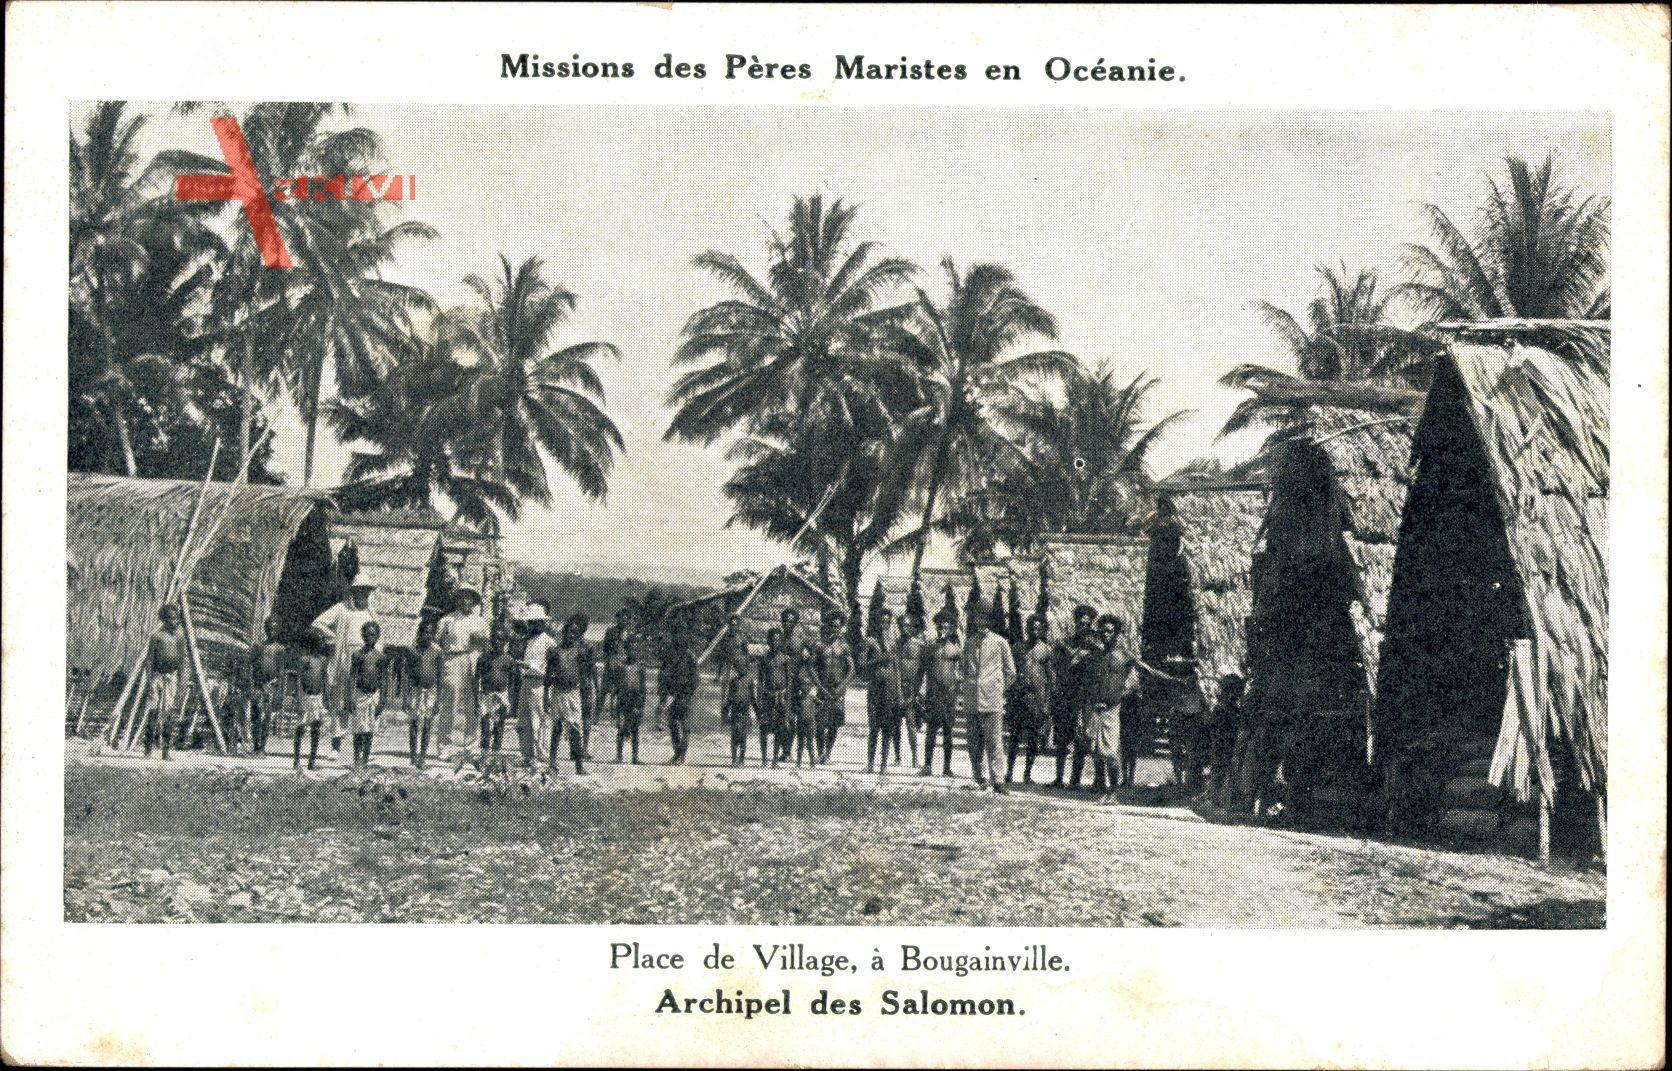 Archipel des Salomon, Place de Village à Bougainville, Missions Maristes